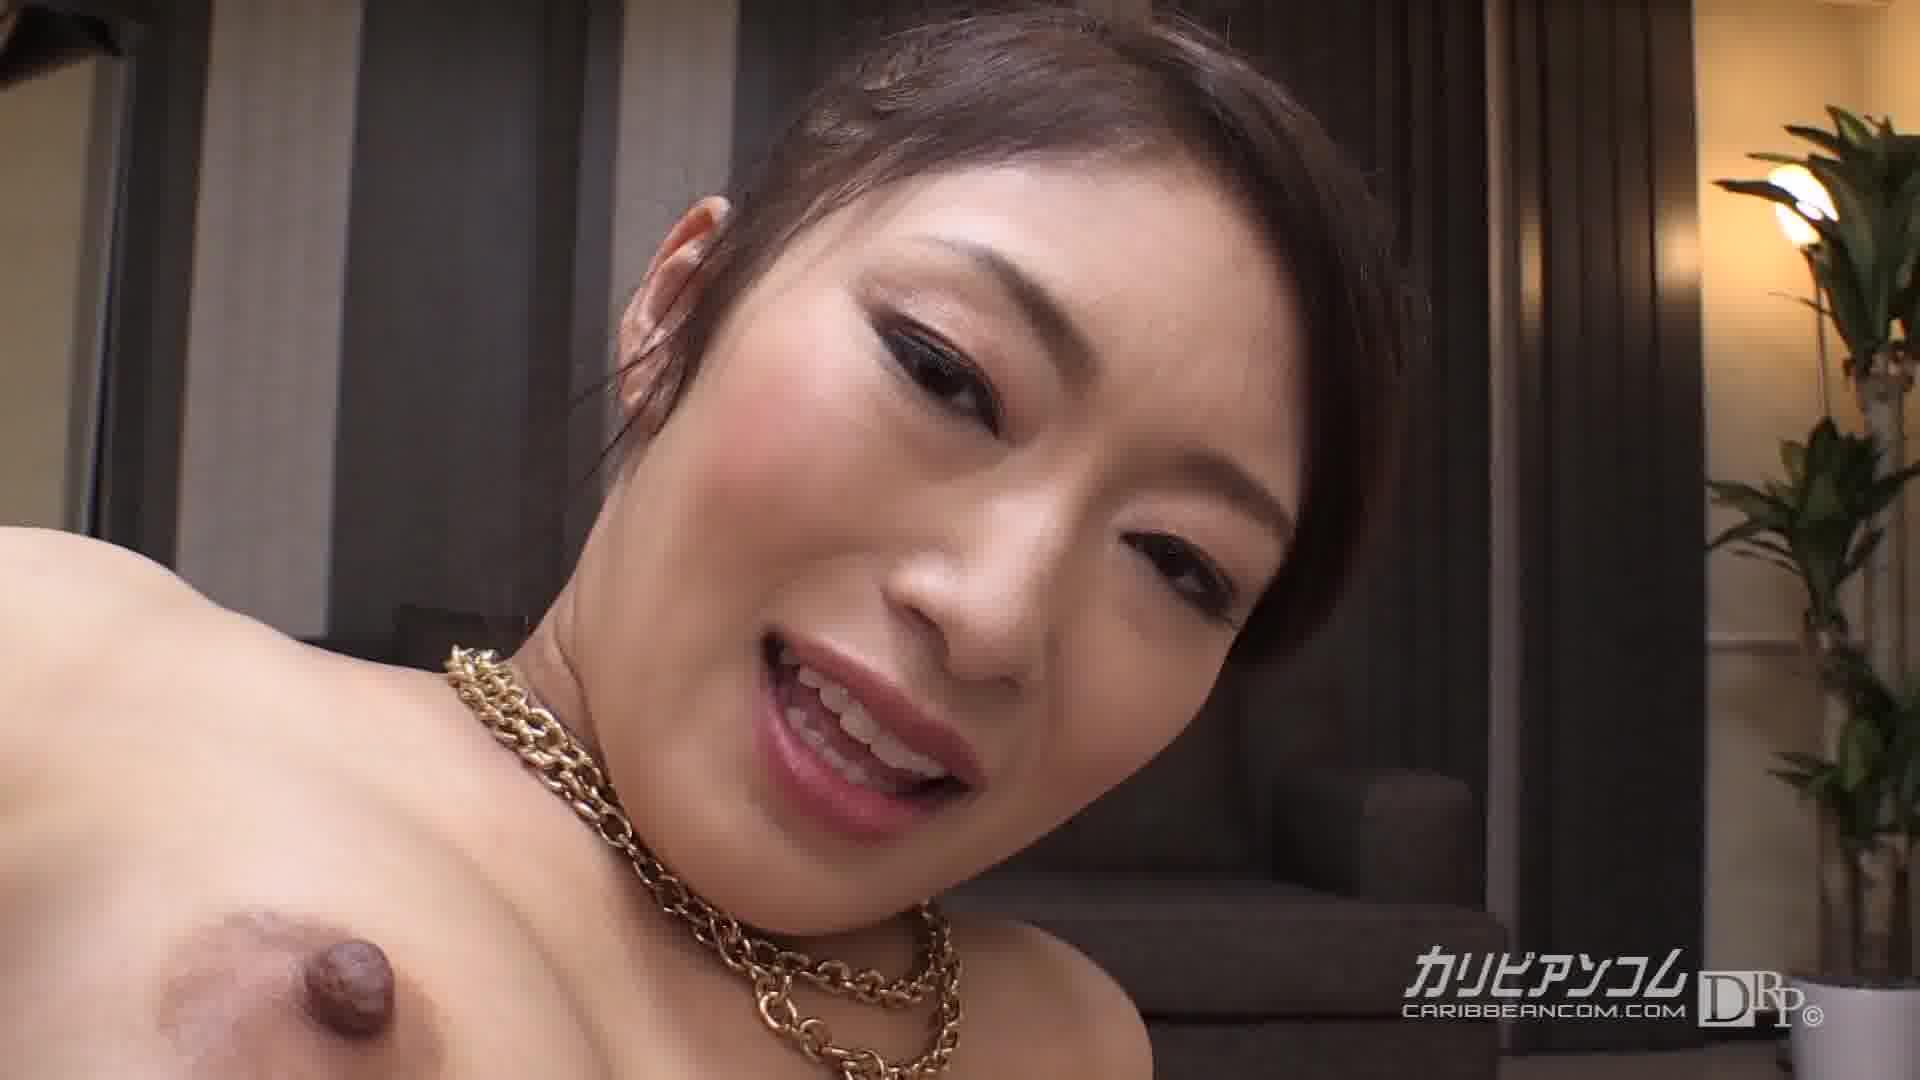 絶頂アナル狂い - 小早川怜子【ボンテージ・バイブ・アナル】